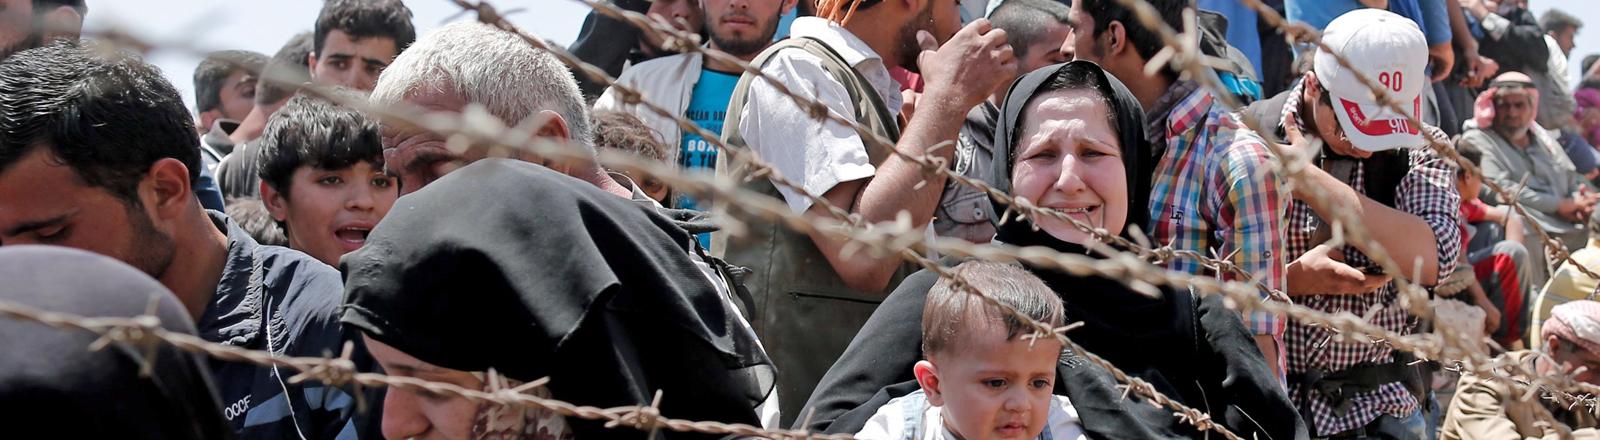 Flüchtlinge an der Grenze zwischen der Türkei und Syrien